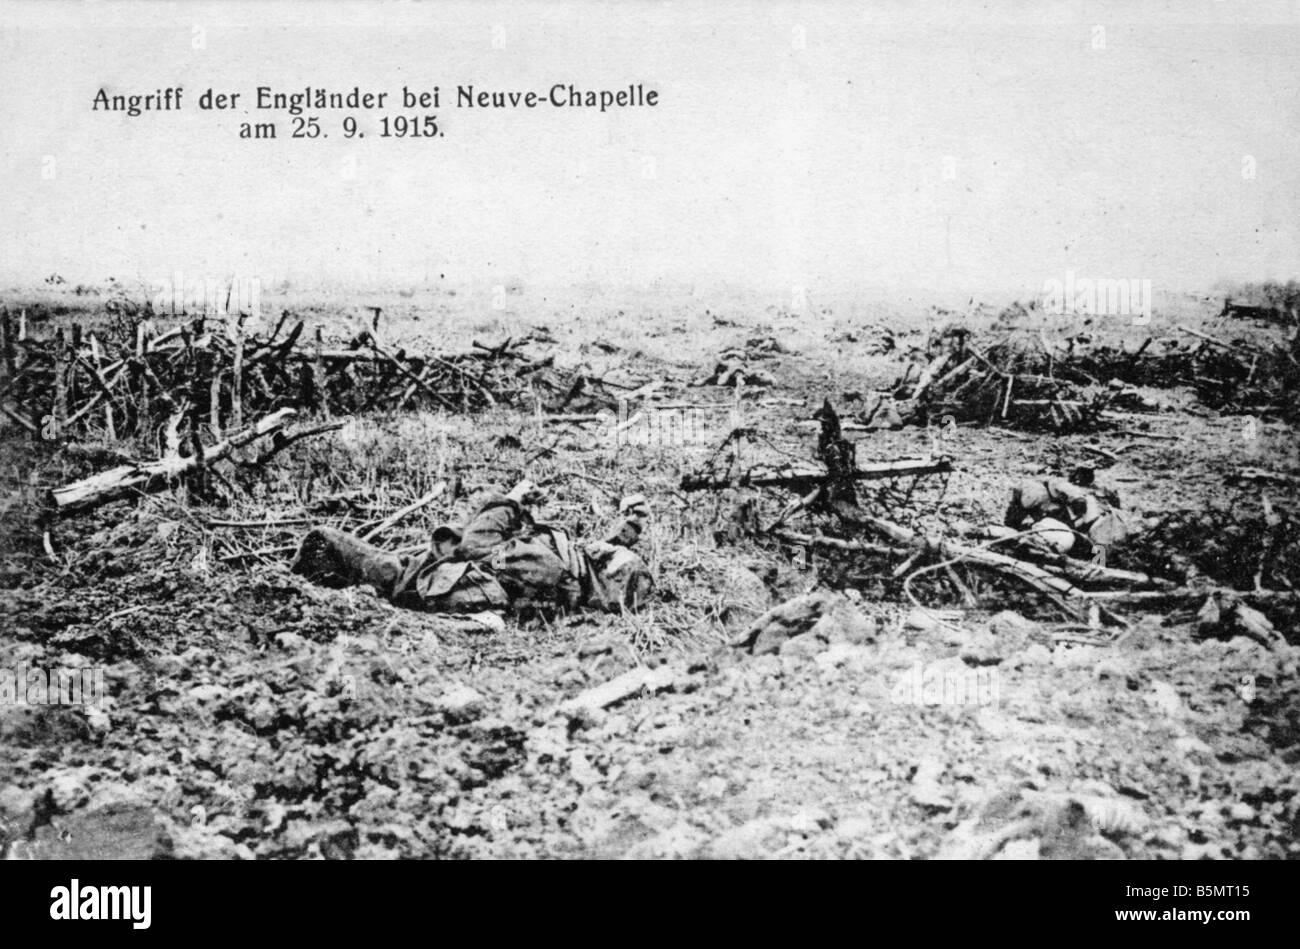 9FK 1915 9 25 A1 WWI Battlefield a Neuve Chapelle I Guerra Mondiale Francia guerra posizionale a Neuve Chapelle Immagini Stock